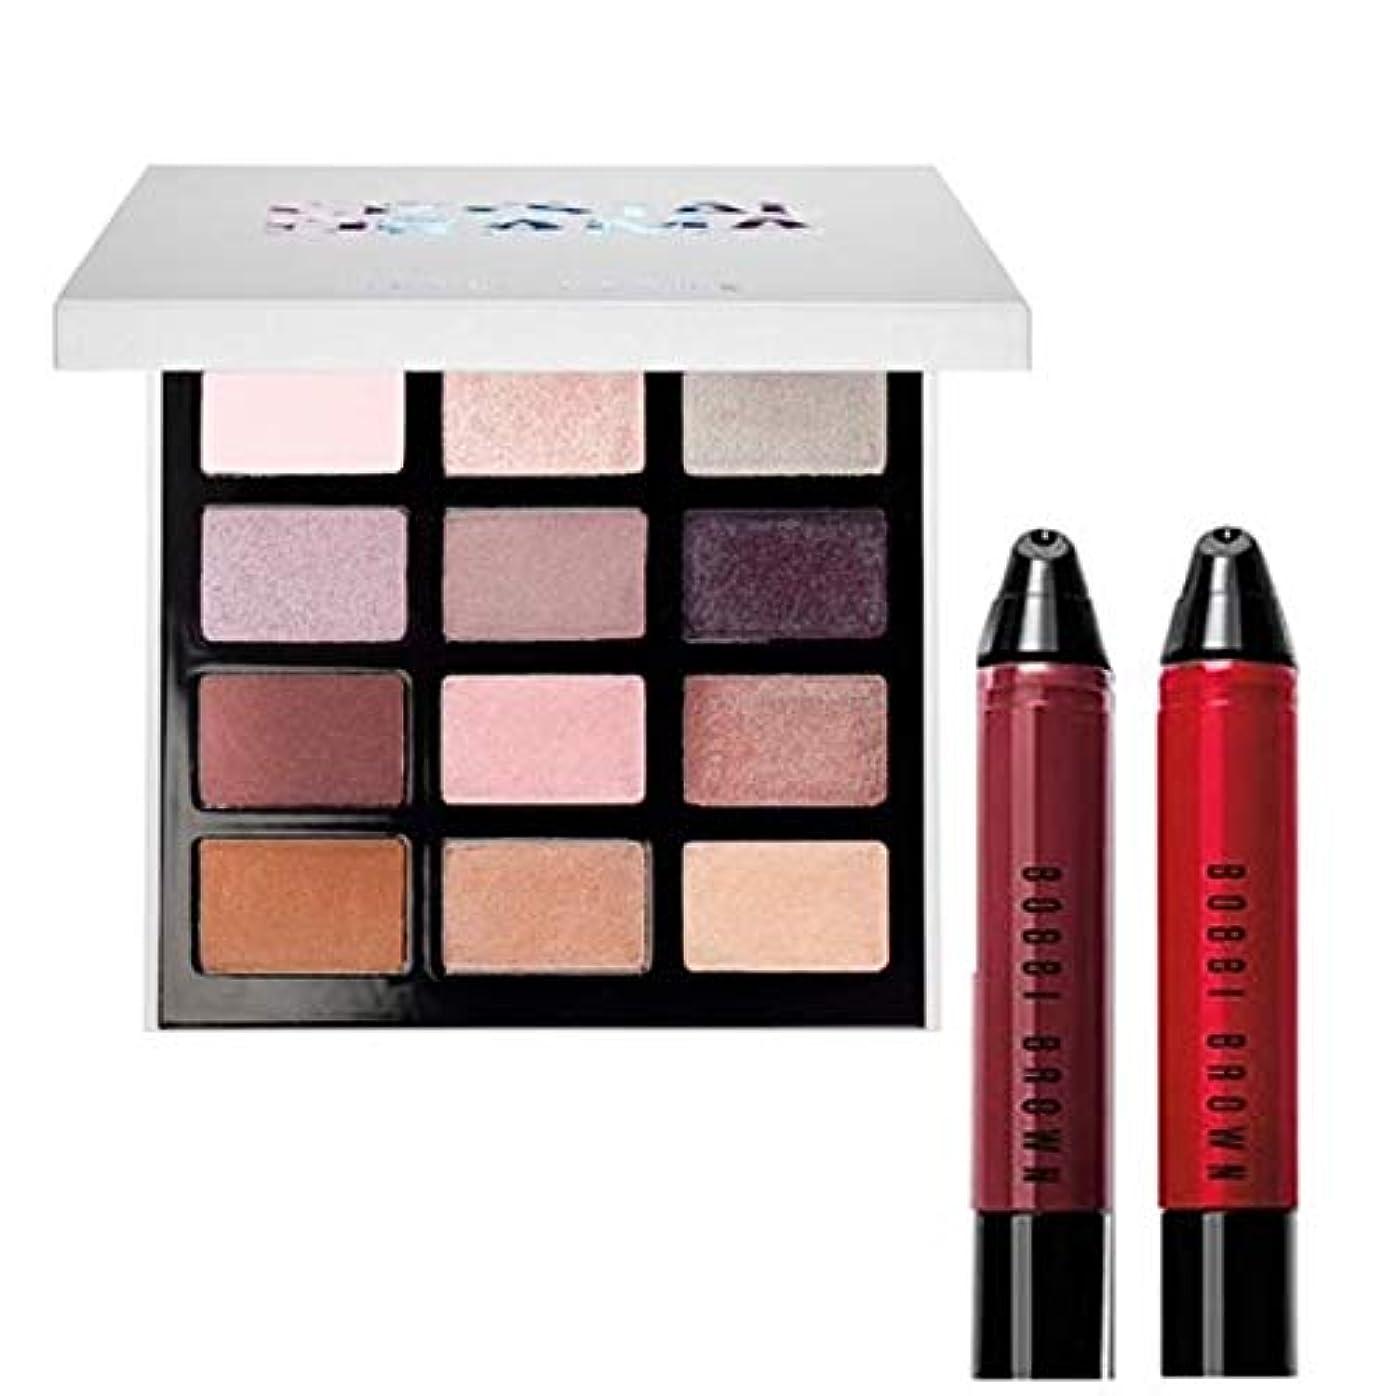 化学薬品松教育学Bobbi Brown 限定版,Crystal Drama Eyeshadow Palette & Lip Art Mini Art Stick Liquid Lip 2Set [海外直送品] [並行輸入品]